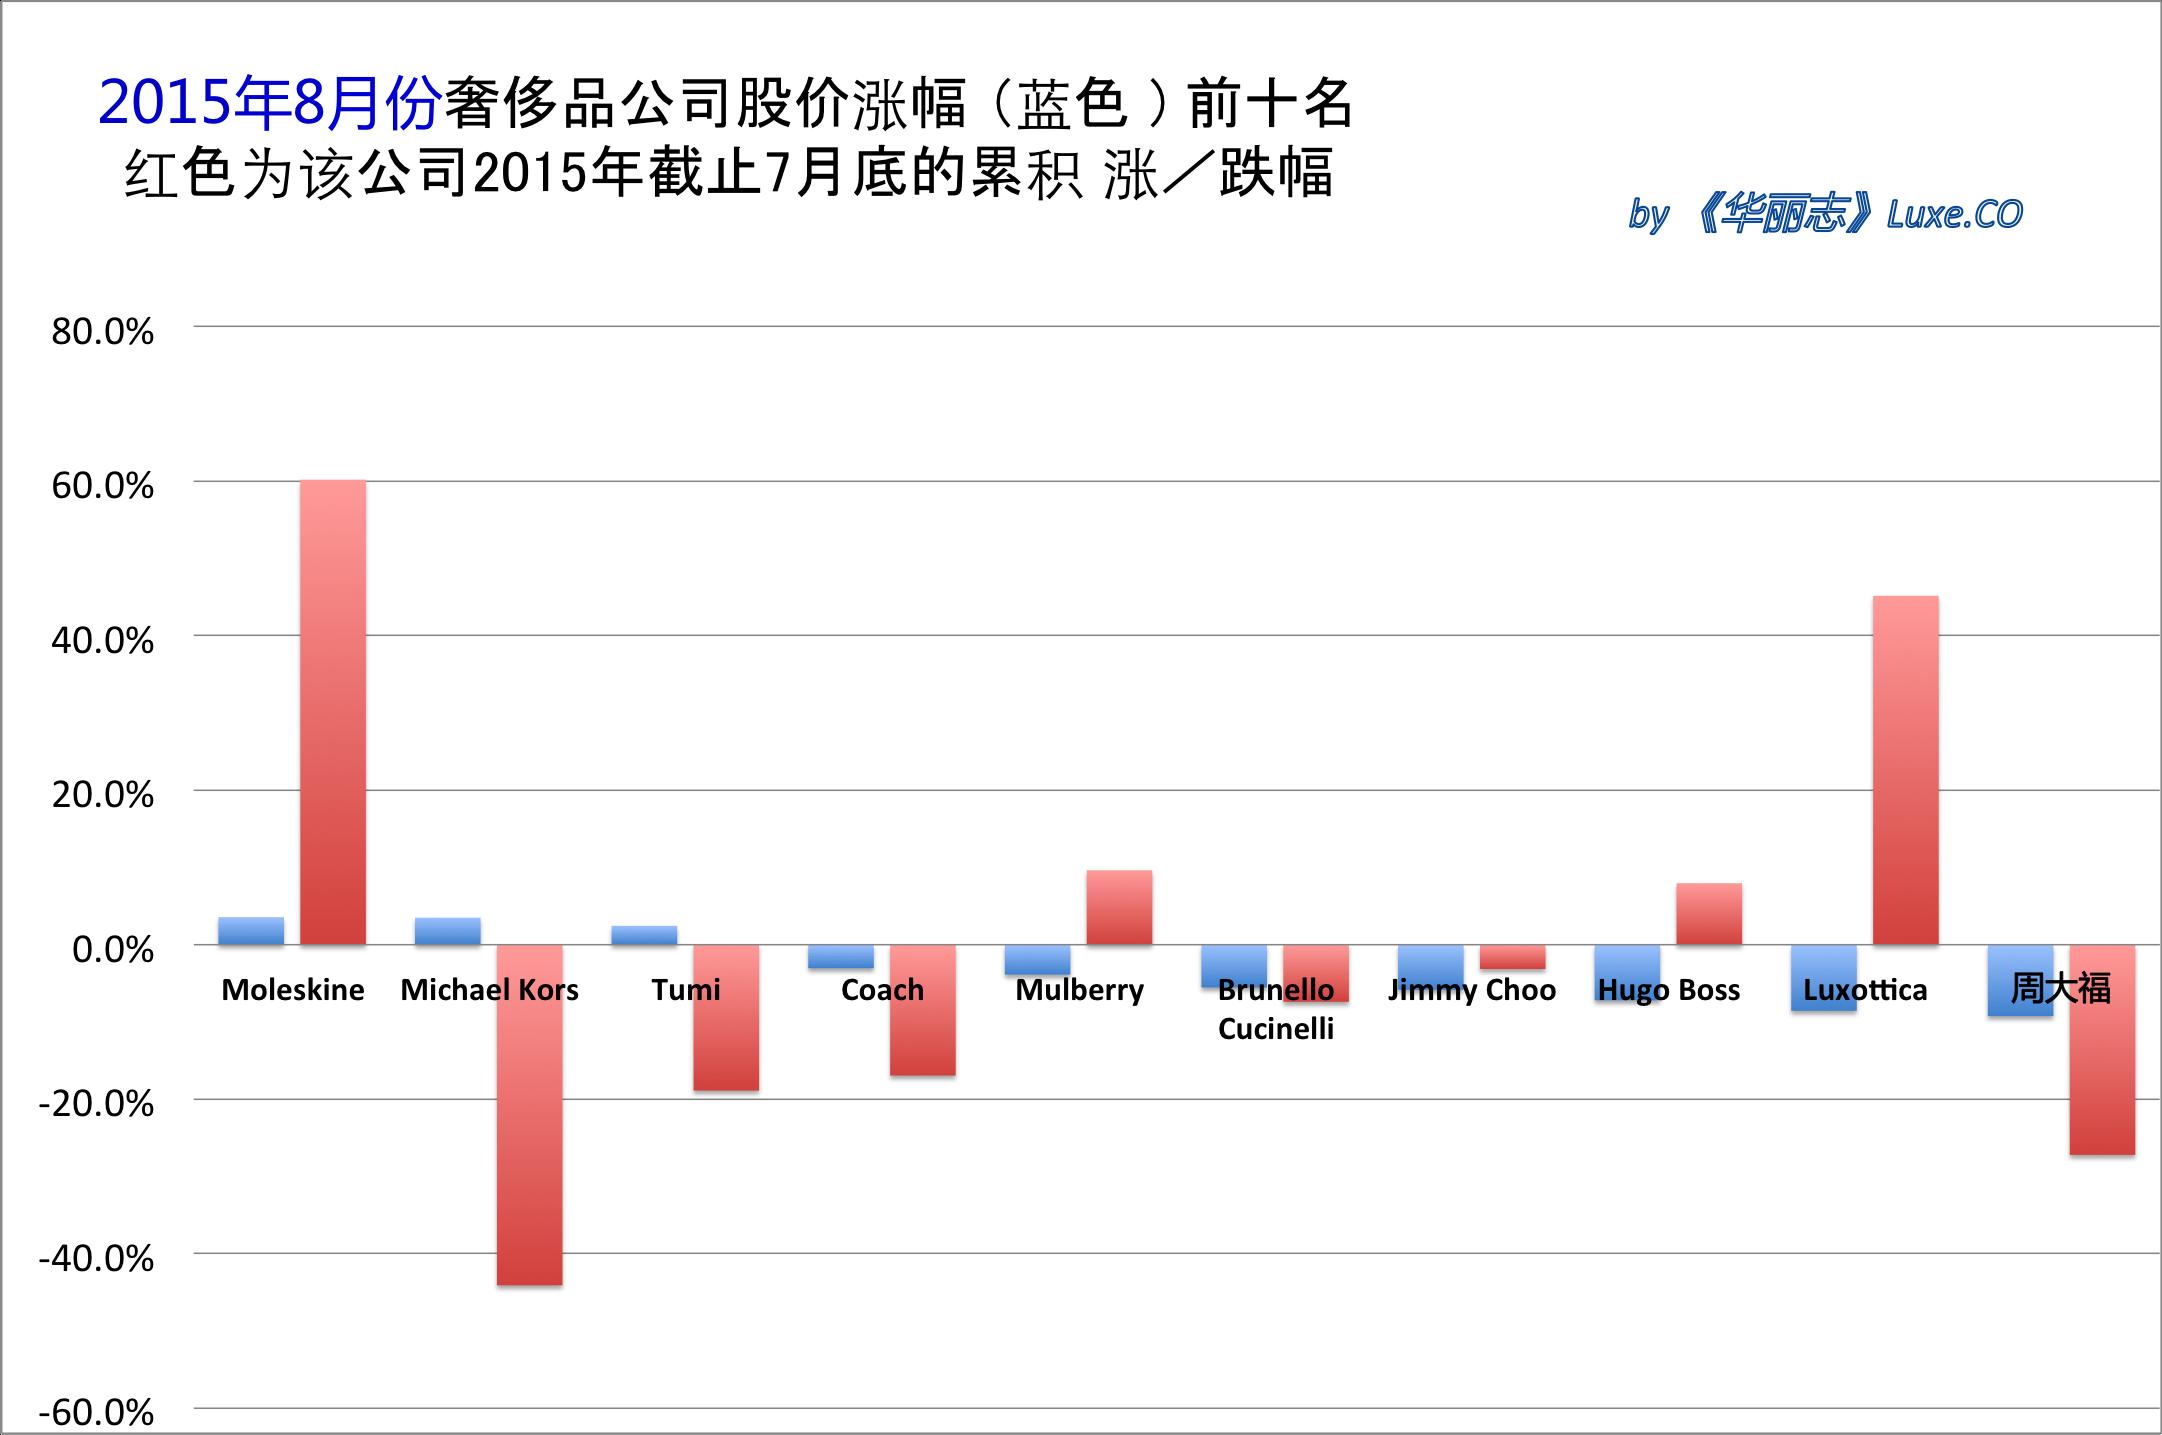 《华丽志》奢侈品股票月度排行榜 (2015年8月)